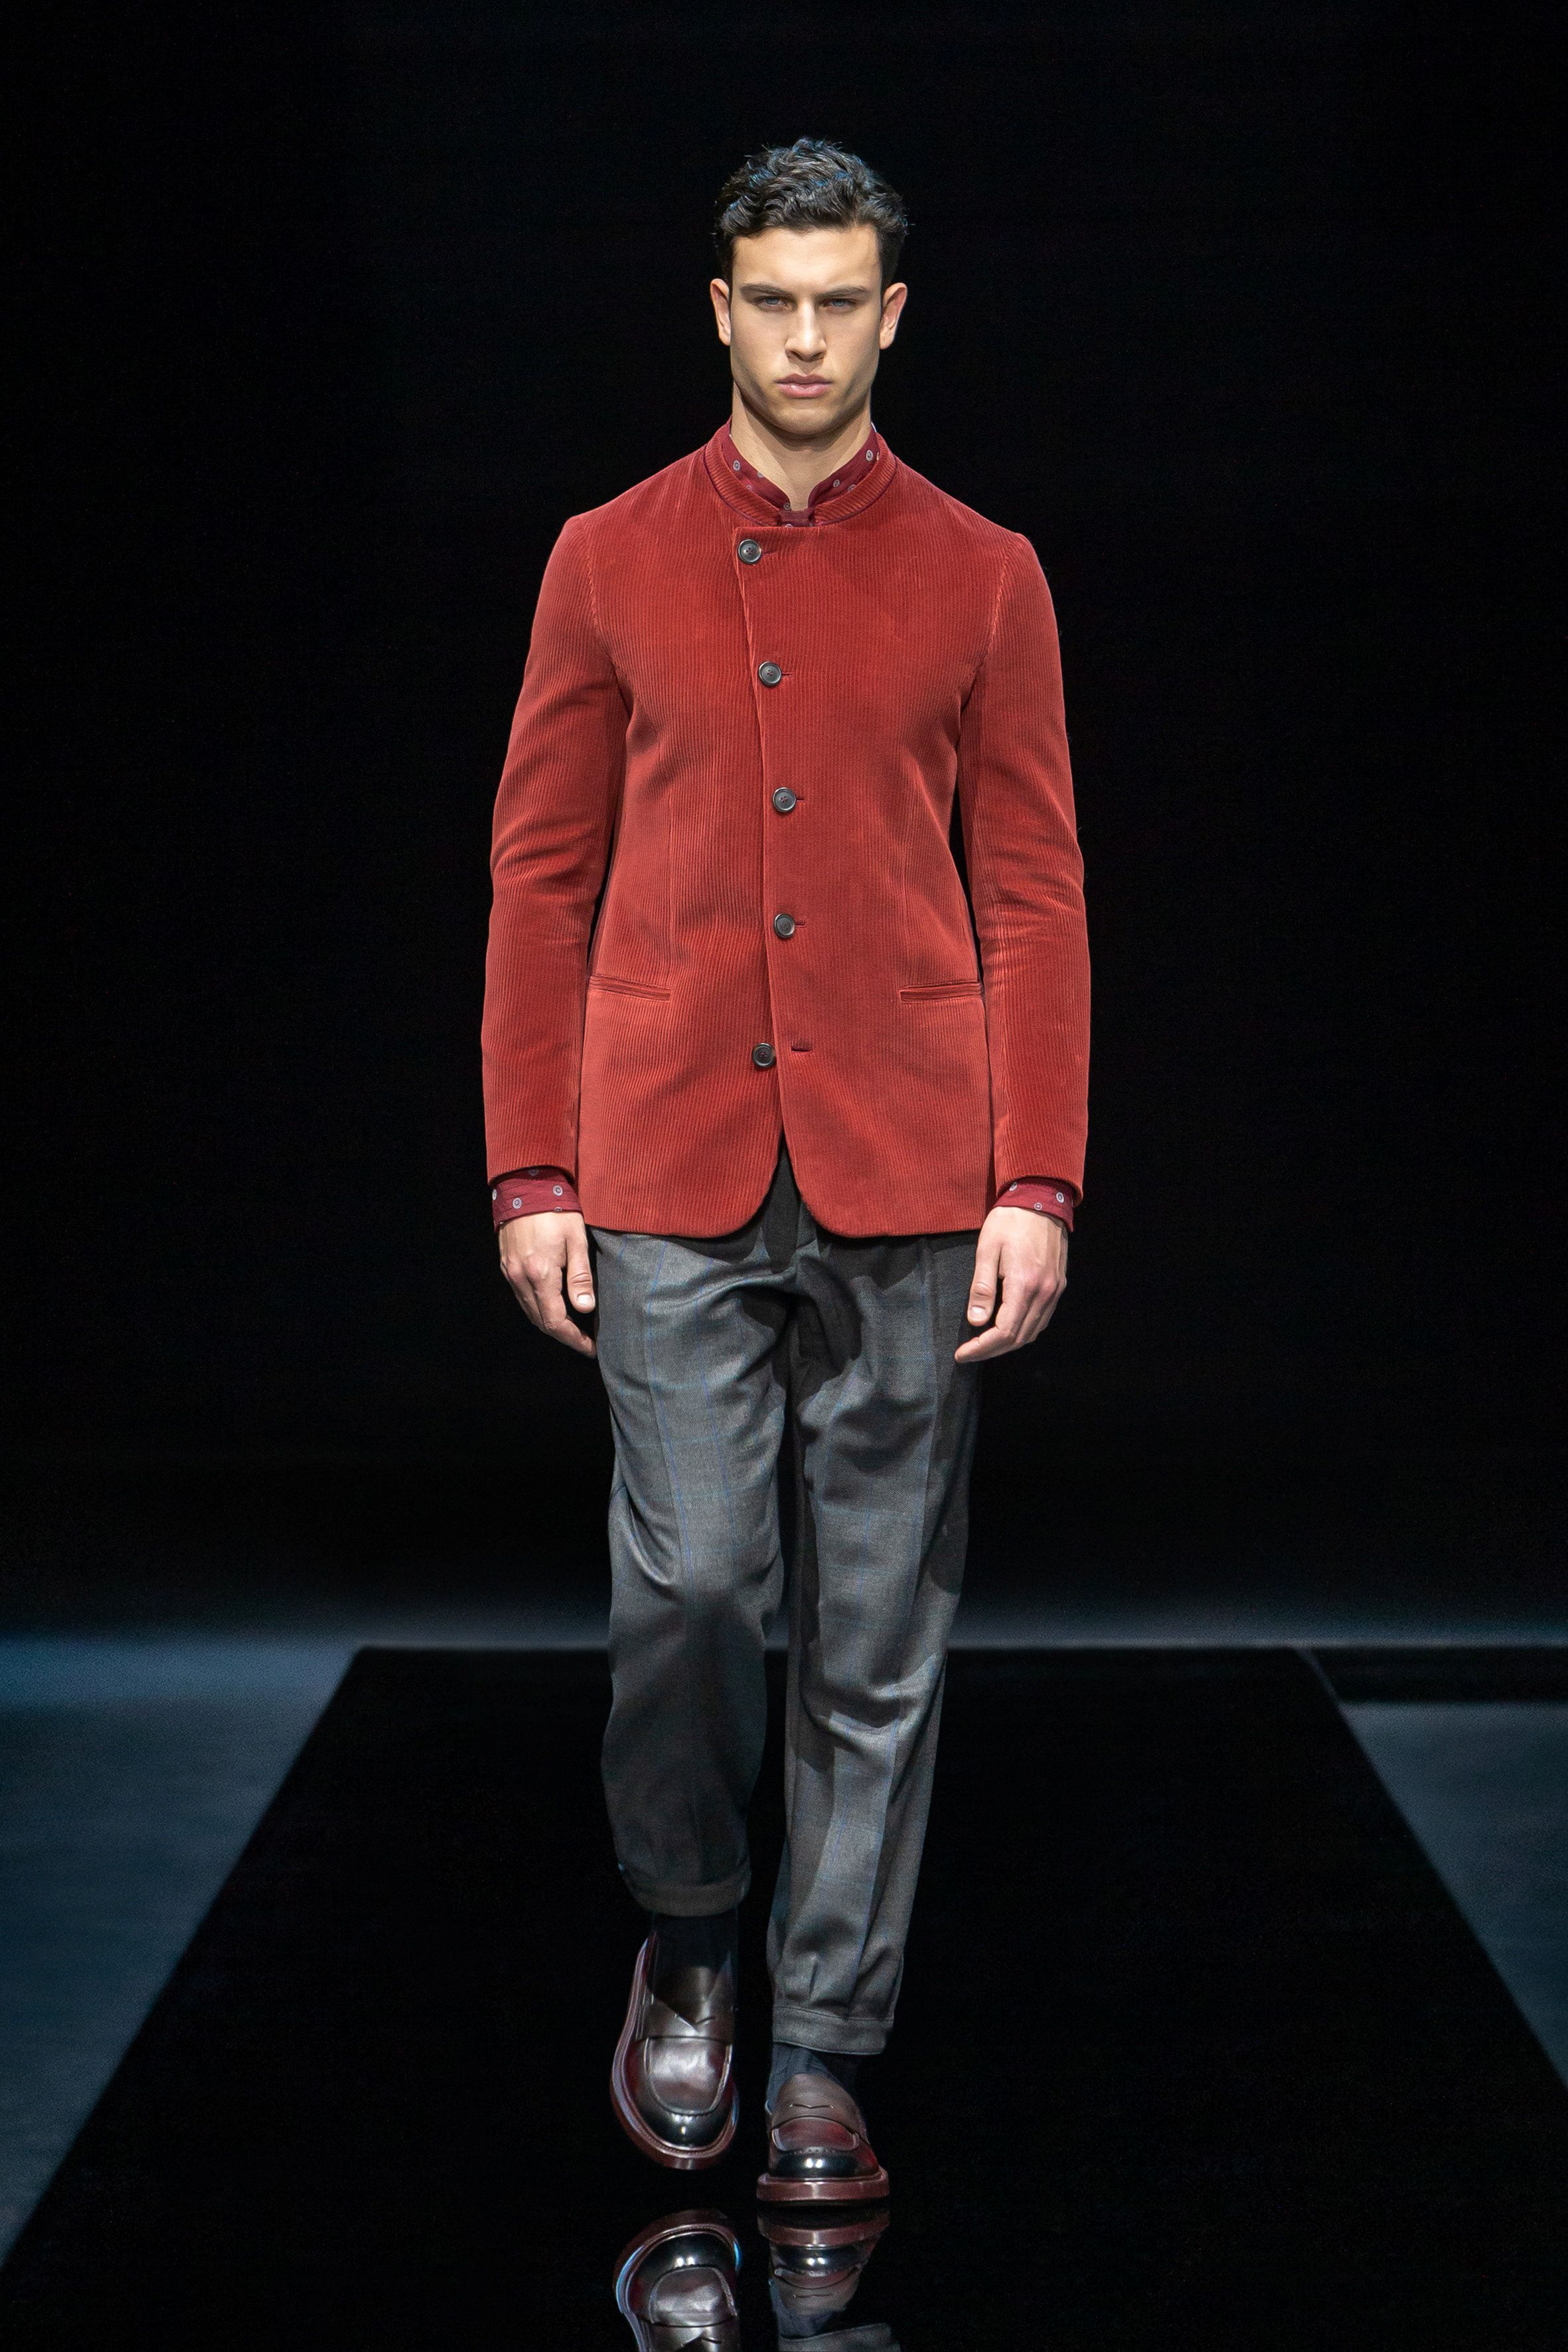 En el caso de los hombres, las chaquetas se llevan como camisas y los abrigos suaves sobre jerseys pegados al cuerpo con diseños geométricos